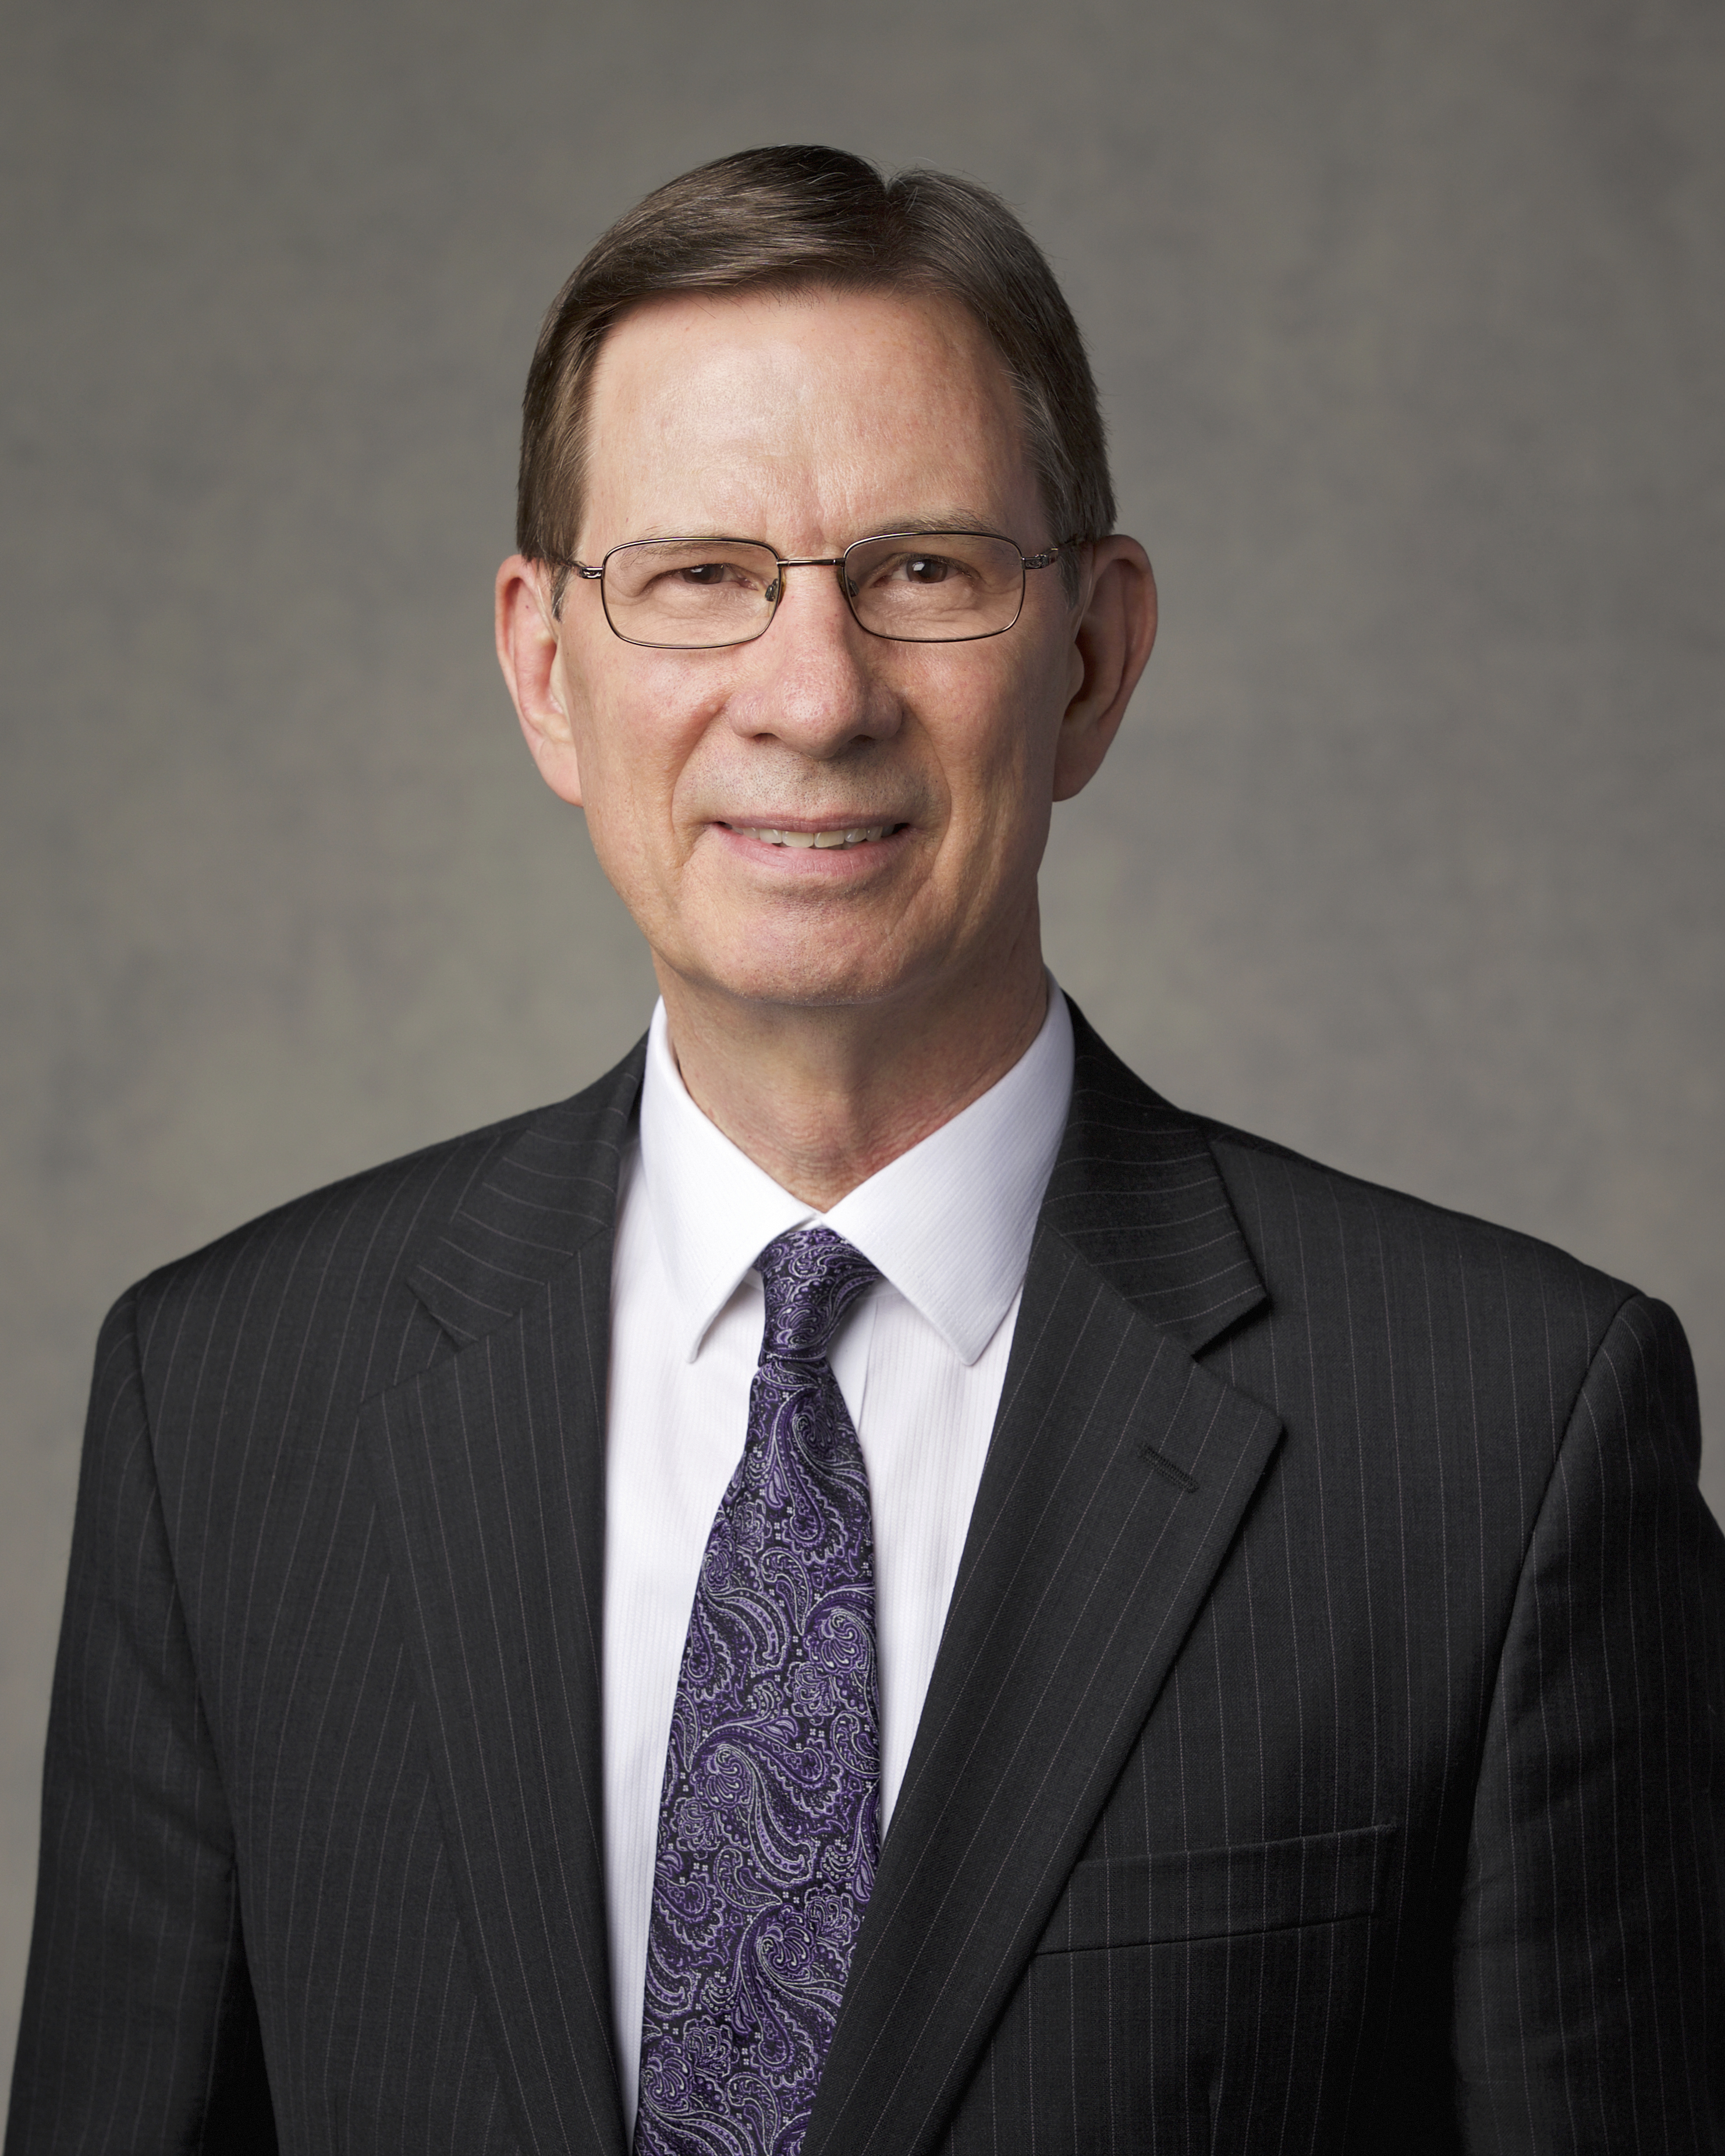 Elder Craig C. Cardon, emeritus General Authority Seventy